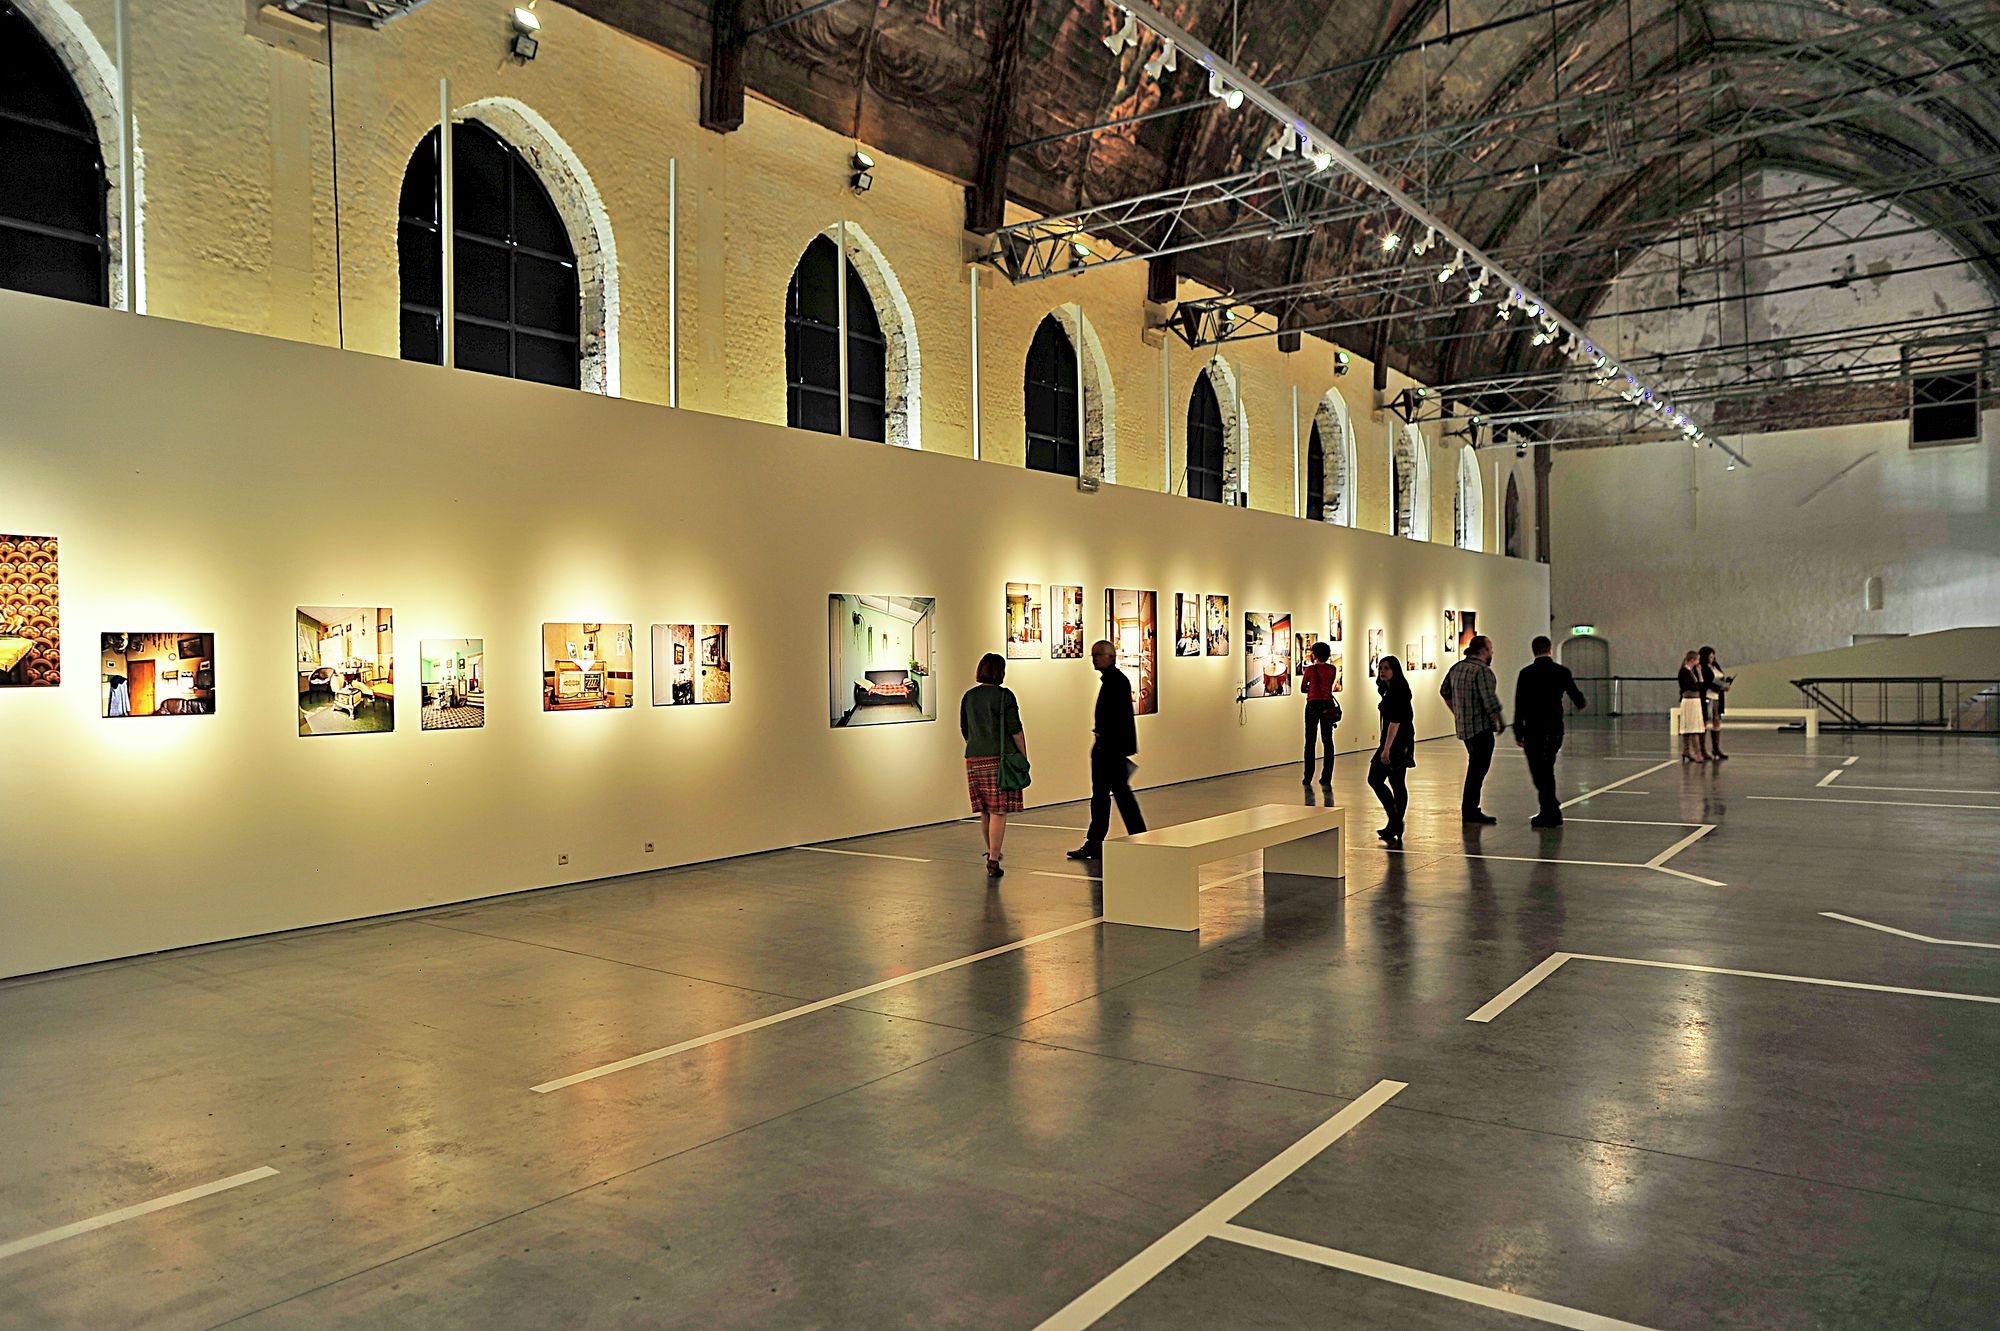 tentoonstelling in de Sint-Pietersabdij